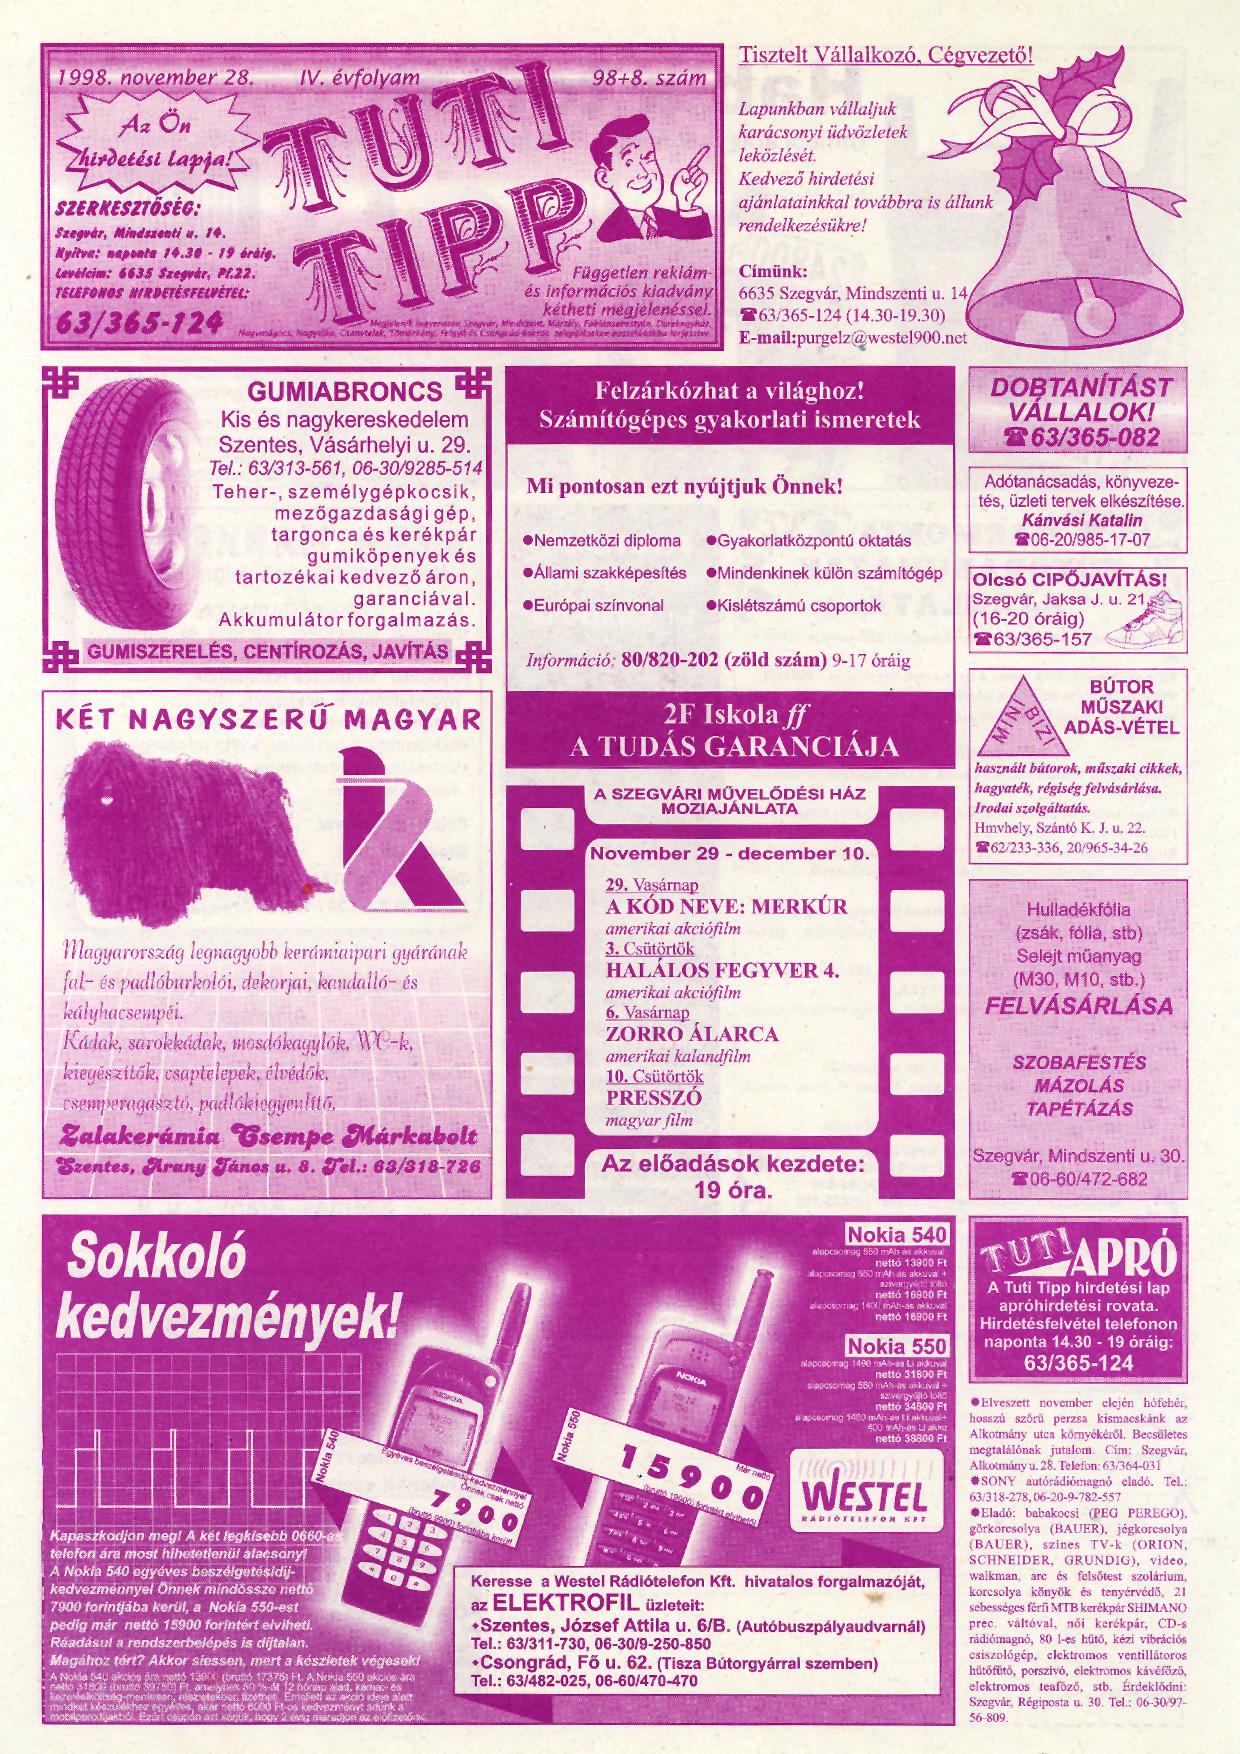 055 Tuti Tipp reklámújság - 19981128-098+008. lapszám - 1.oldal - IV. évfolyam.jpg